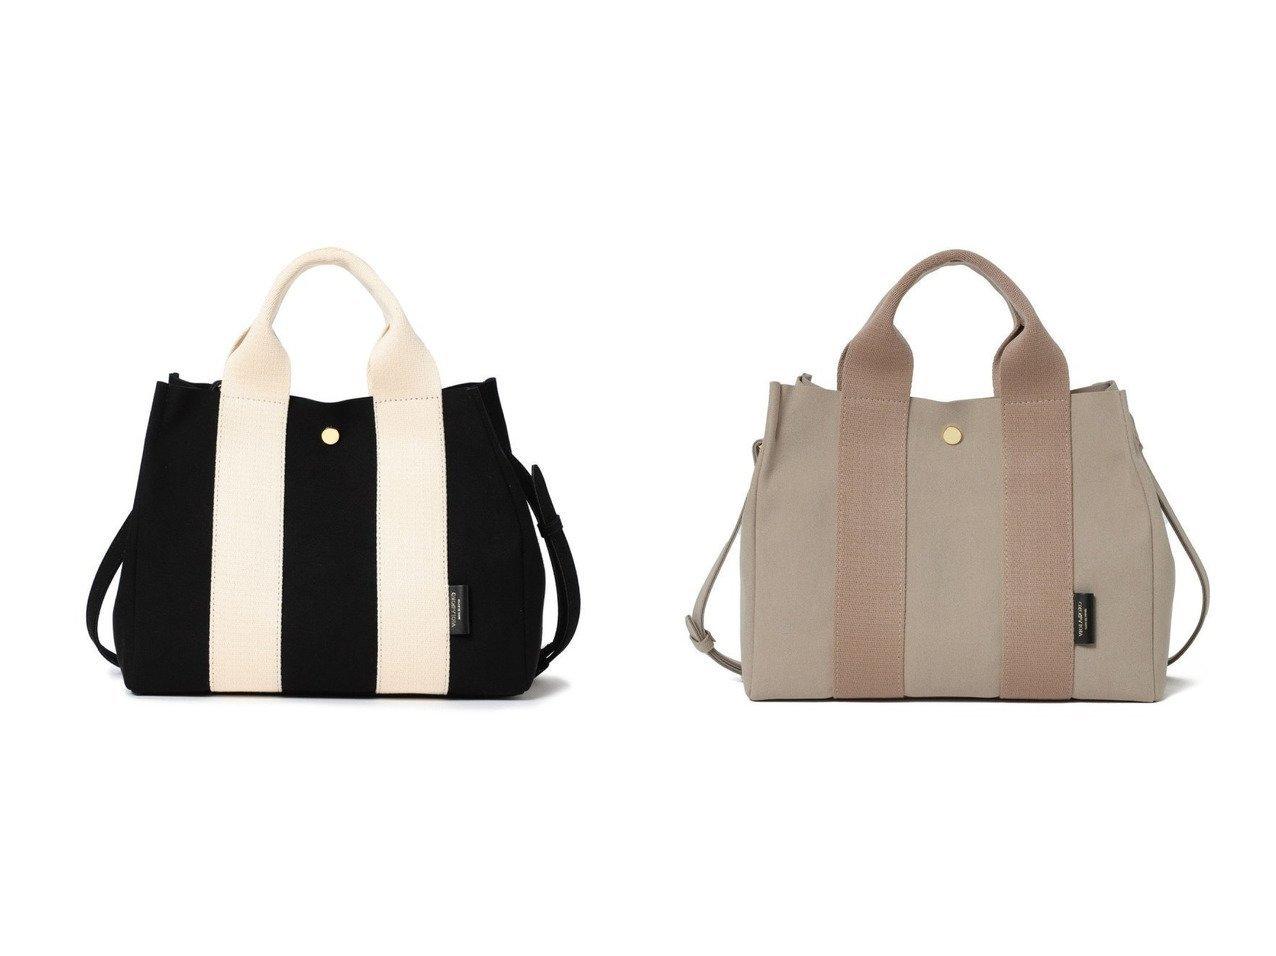 【Demi-Luxe BEAMS/デミルクス ビームス】のNEW ジーノ ナイロントートバッグ バッグ・鞄のおすすめ!人気、トレンド・レディースファッションの通販  おすすめで人気の流行・トレンド、ファッションの通販商品 メンズファッション・キッズファッション・インテリア・家具・レディースファッション・服の通販 founy(ファニー) https://founy.com/ ファッション Fashion レディースファッション WOMEN バッグ Bag NEW・新作・新着・新入荷 New Arrivals シンプル スエード モダン 軽量 |ID:crp329100000009921